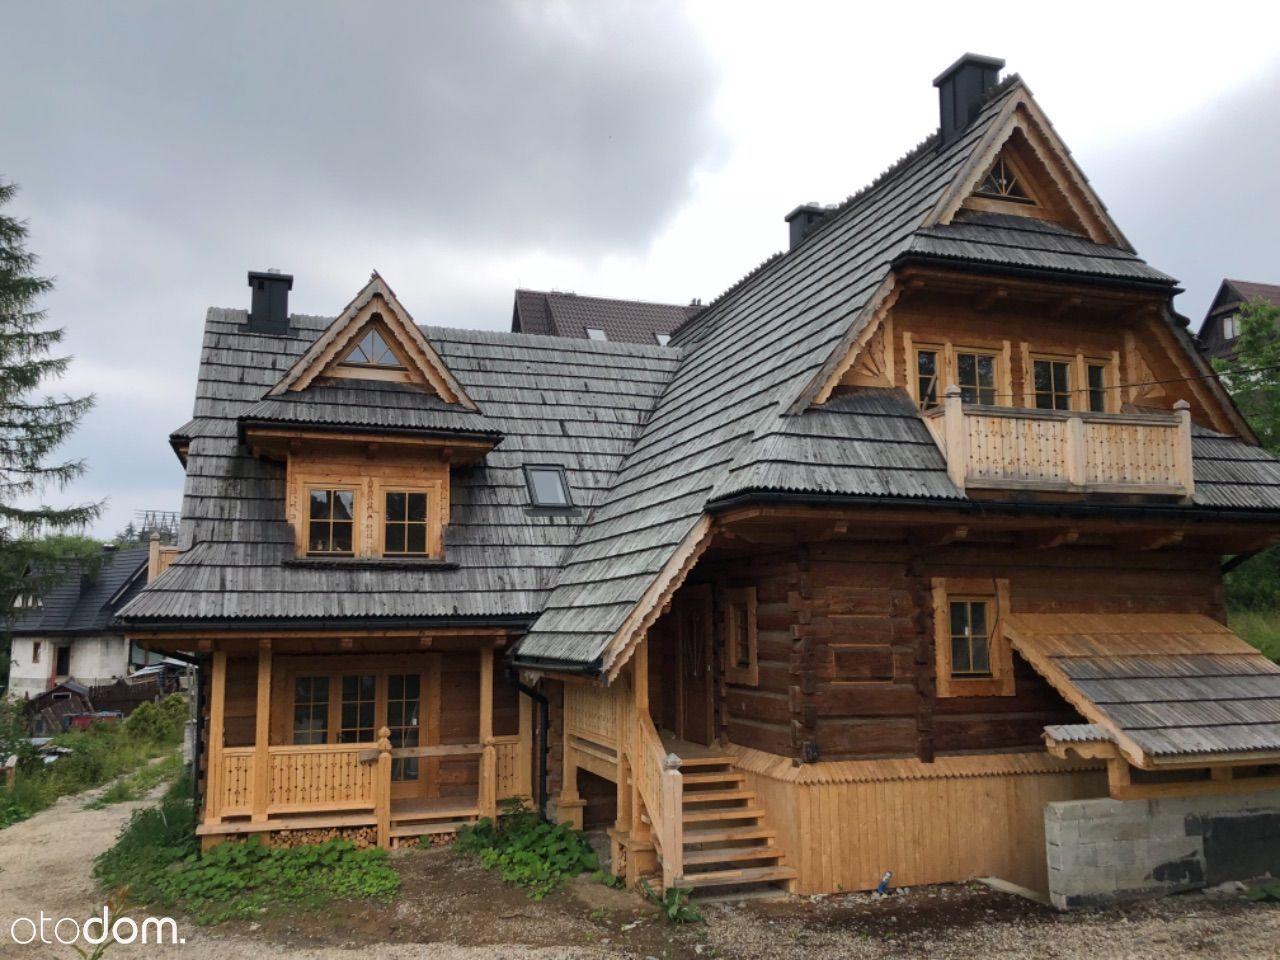 Dom góralski - 3 apartamenty z kominkiem Zakopane